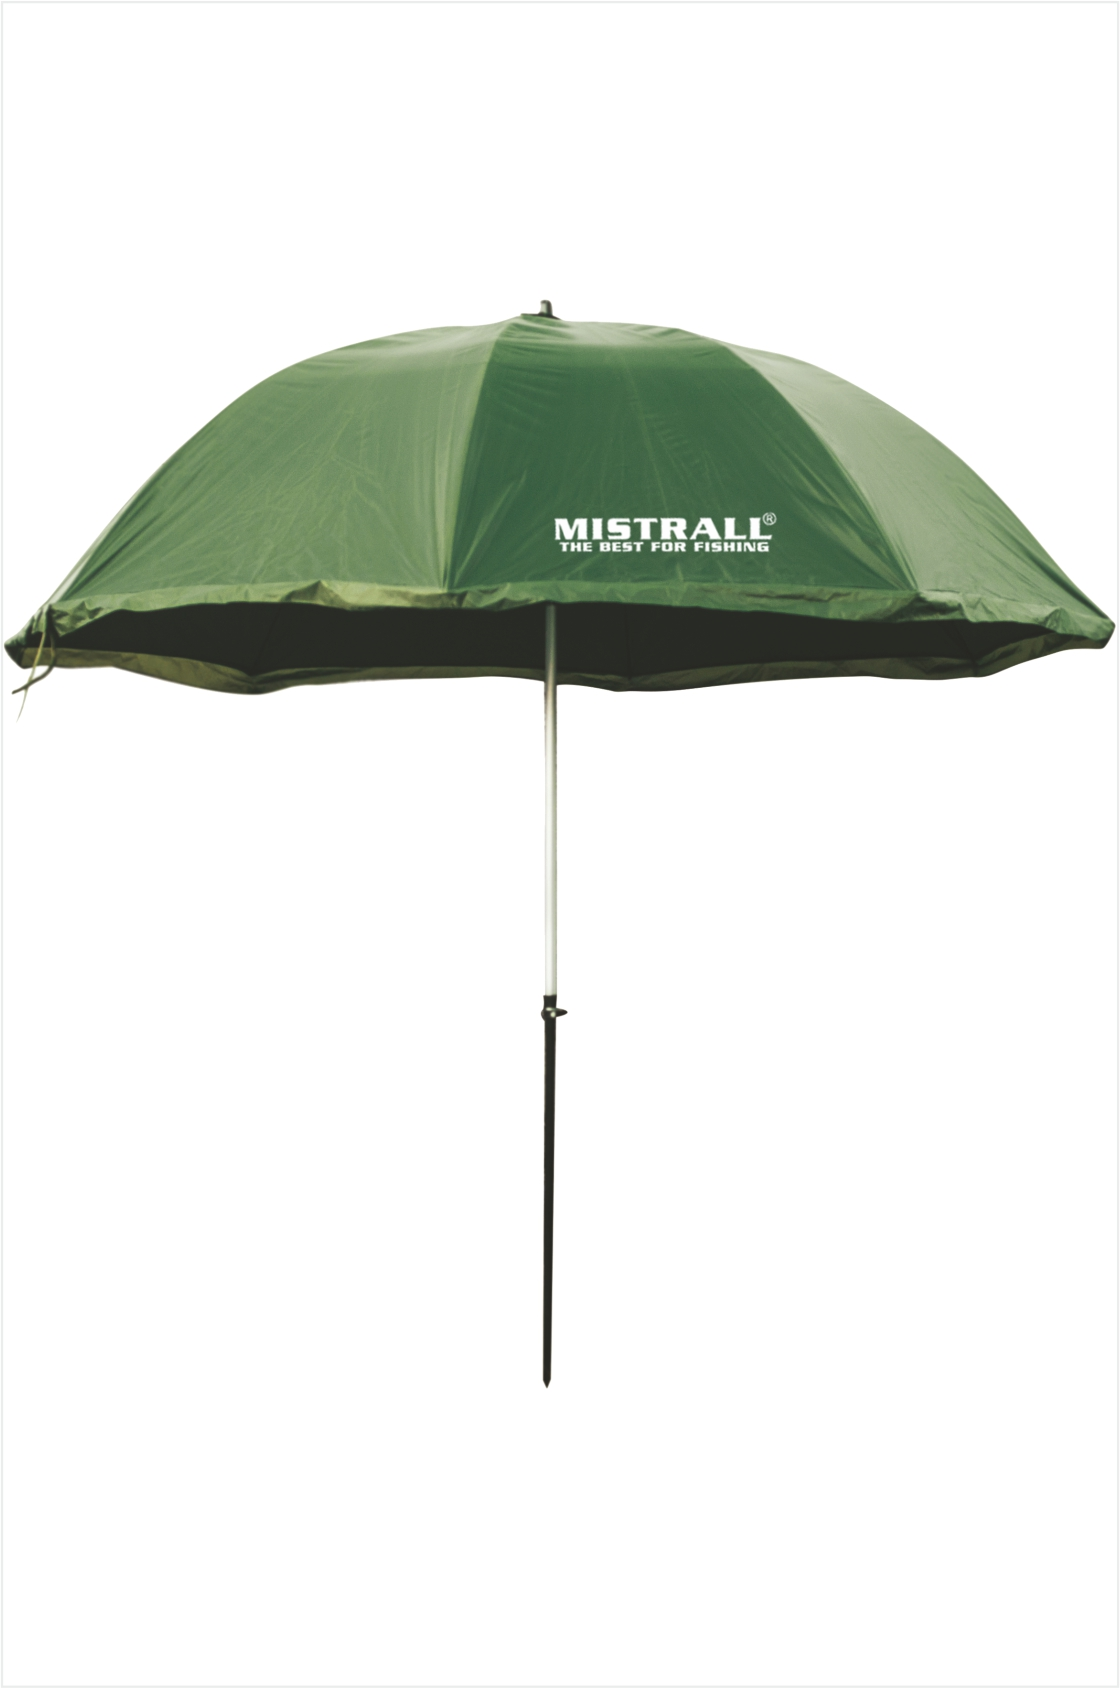 Mistrall - Mistrall rybářský deštník parasol